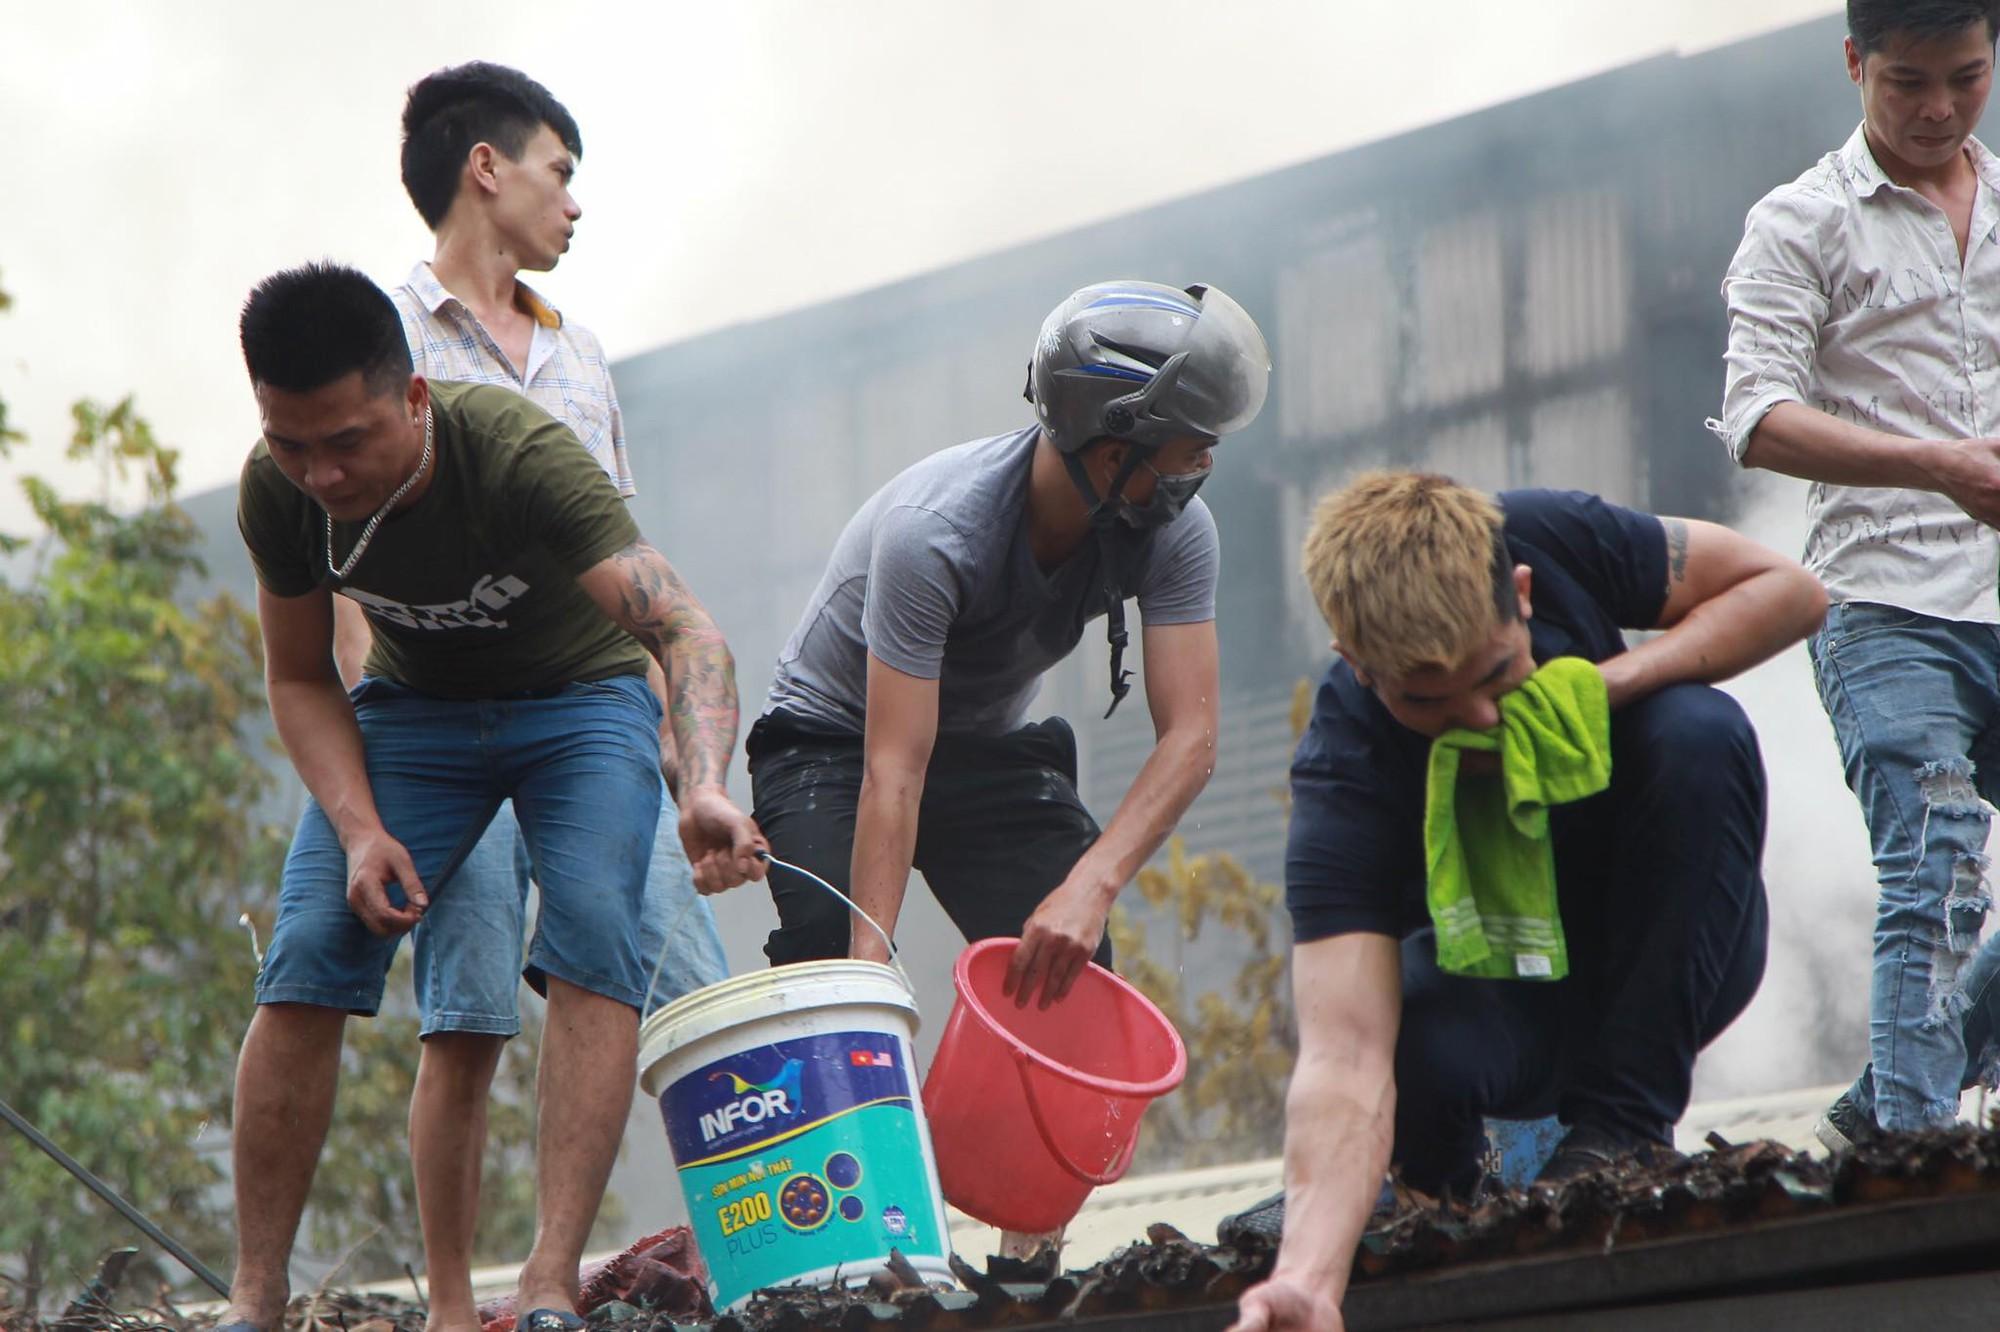 Hà Nội: Chợ Quang bốc cháy dữ dội giữa trưa, tiểu thương khóc nức nở khi nhiều gian hàng bị thiêu rụi Hà Nội: Chợ Quang bốc cháy dữ dội giữa trưa, tiểu thương khóc nức nở khi nhiều gian hàng bị thiêu rụi